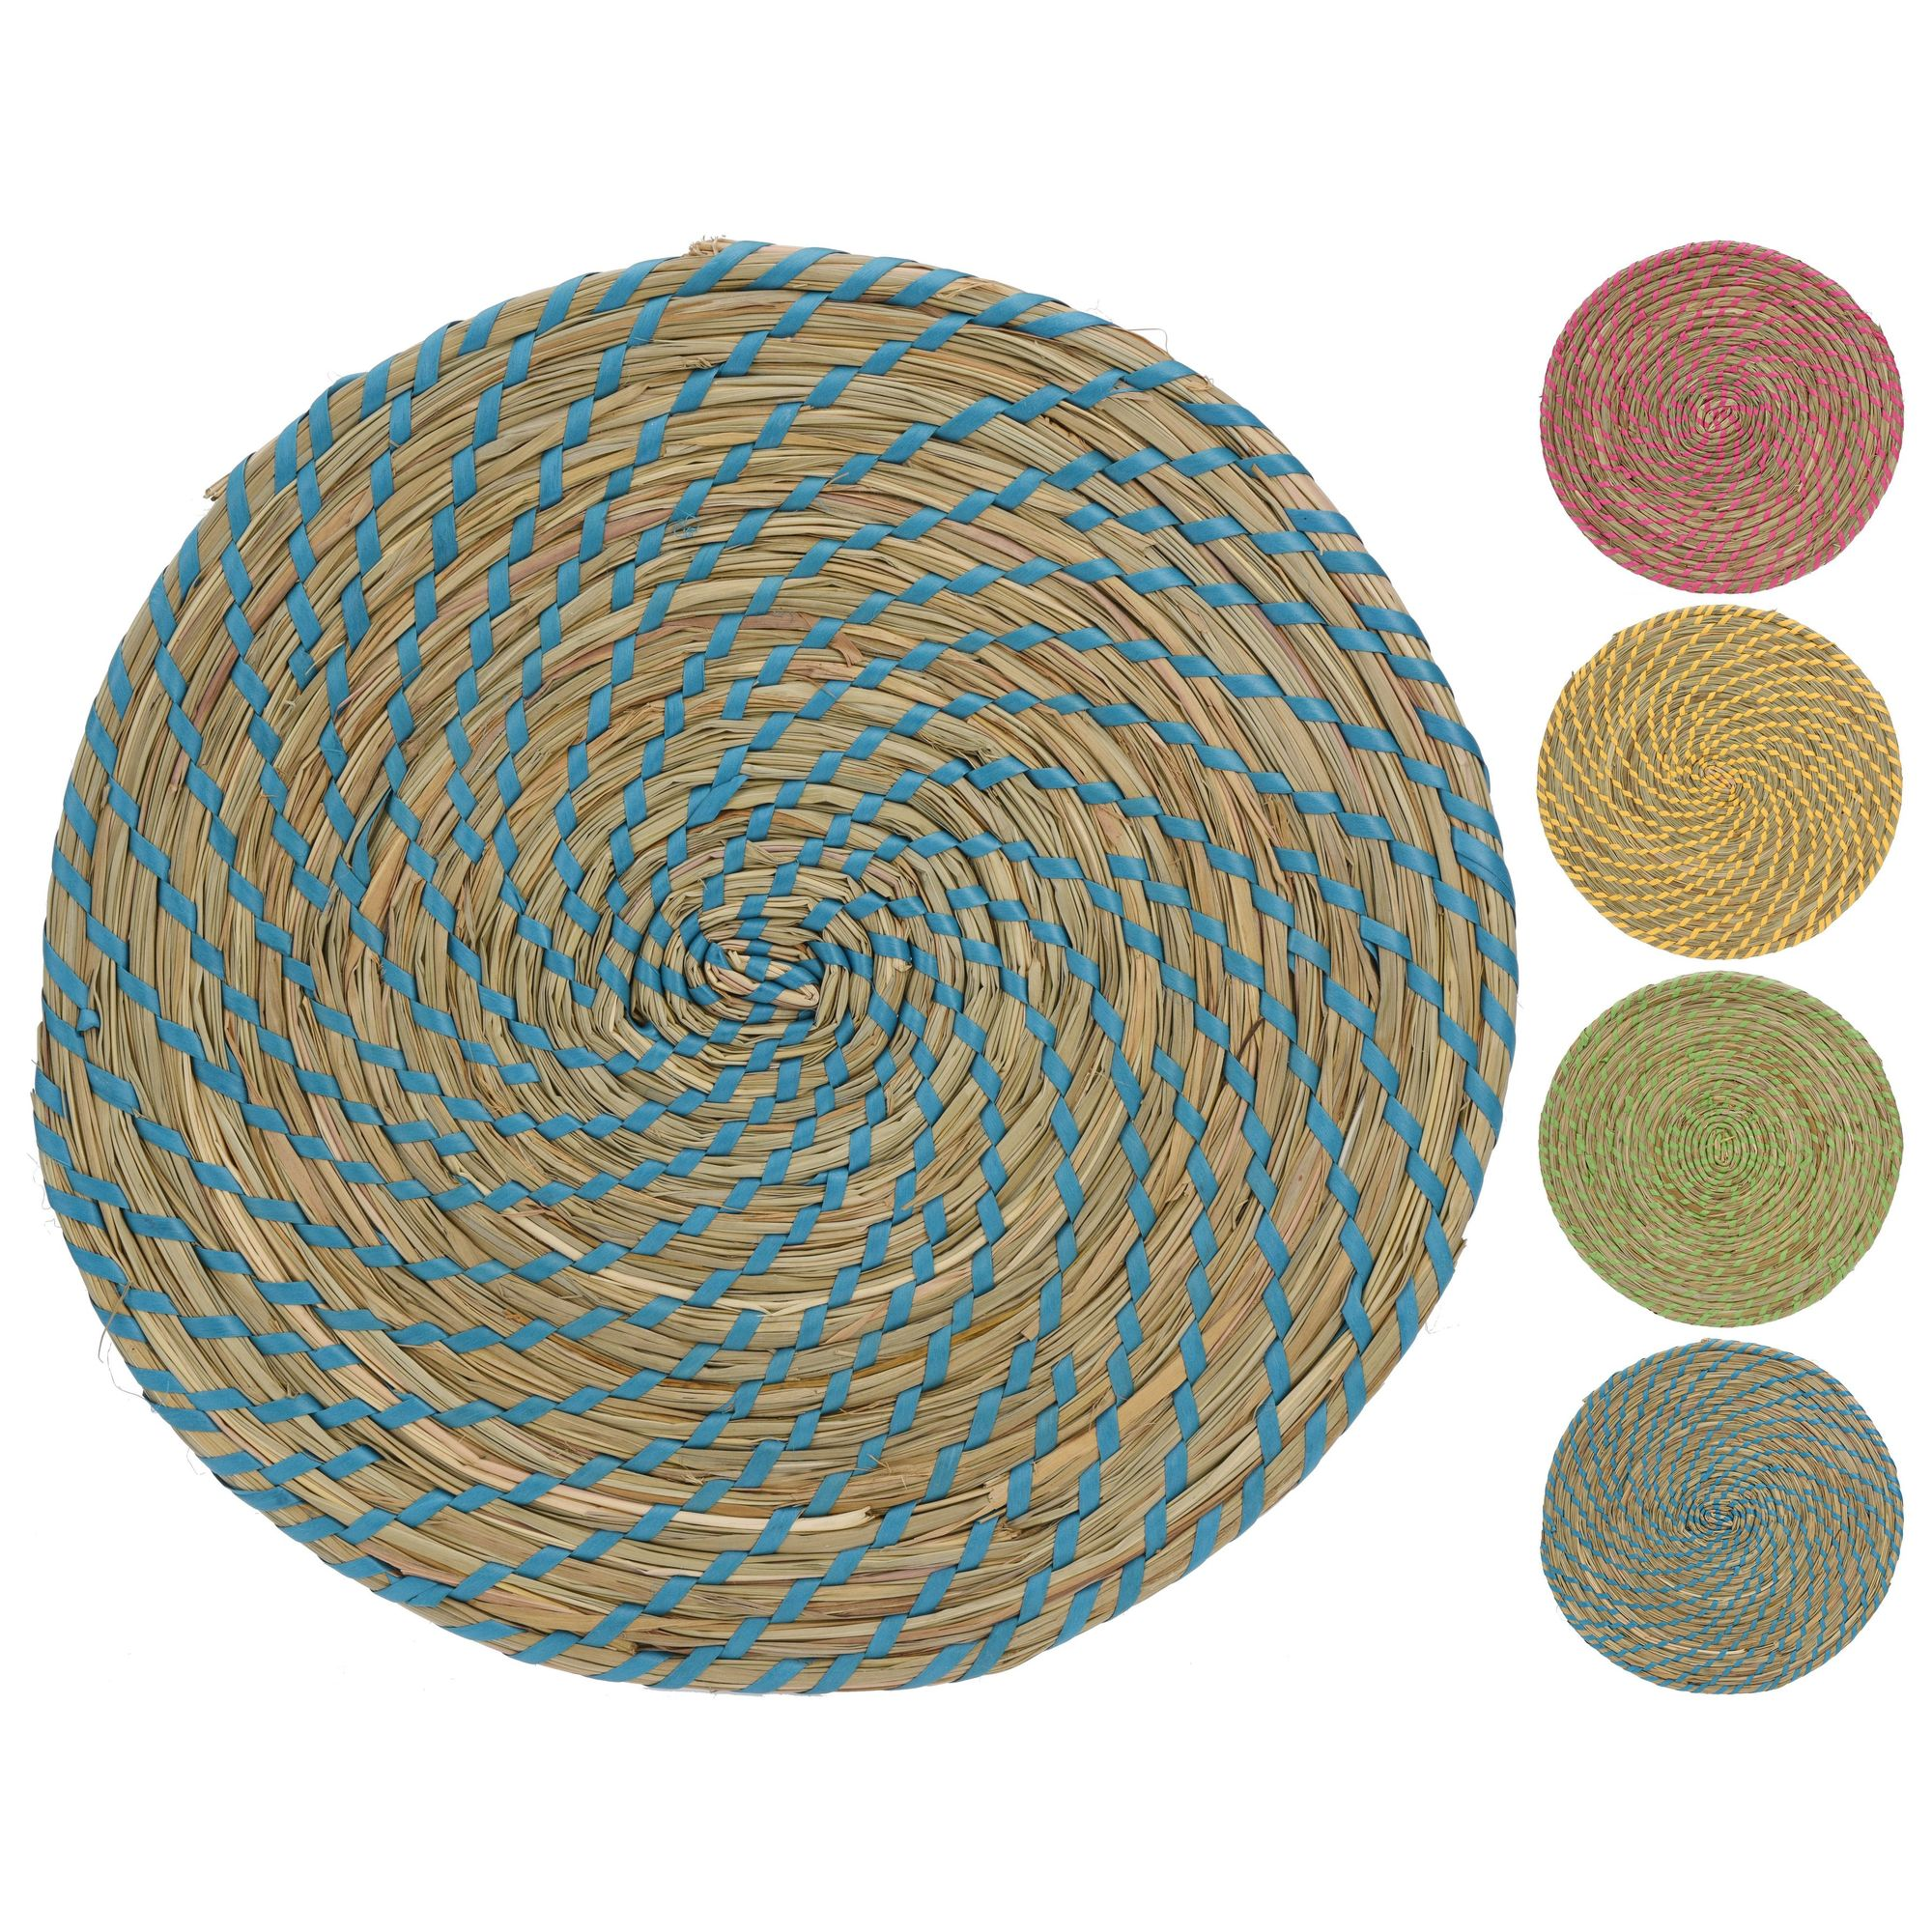 Салфетка сервировочная в ассортиментеСалфетка сервировочная – удобный и полезный кухонный аксессуар. Выполненная в форме круга и сплетенная в технике колосок из натурального материала, она ограничивает контакт горячей посуды с поверхностью стола, что предотвращает появление царапин и темных пятен. Природная текстура и живая палитра песочных оттенков гармонично впишется в сервировку кухни в стиле эко. Особенно эффектно на ней будет смотреться керамическая посуда натуральных оттенков или белого цвета. Материал салфетки обладает высокой прочностью и длительным сроком эксплуатации. Изделие легко чистится после применения. Салфетка станет украшением стола.<br>